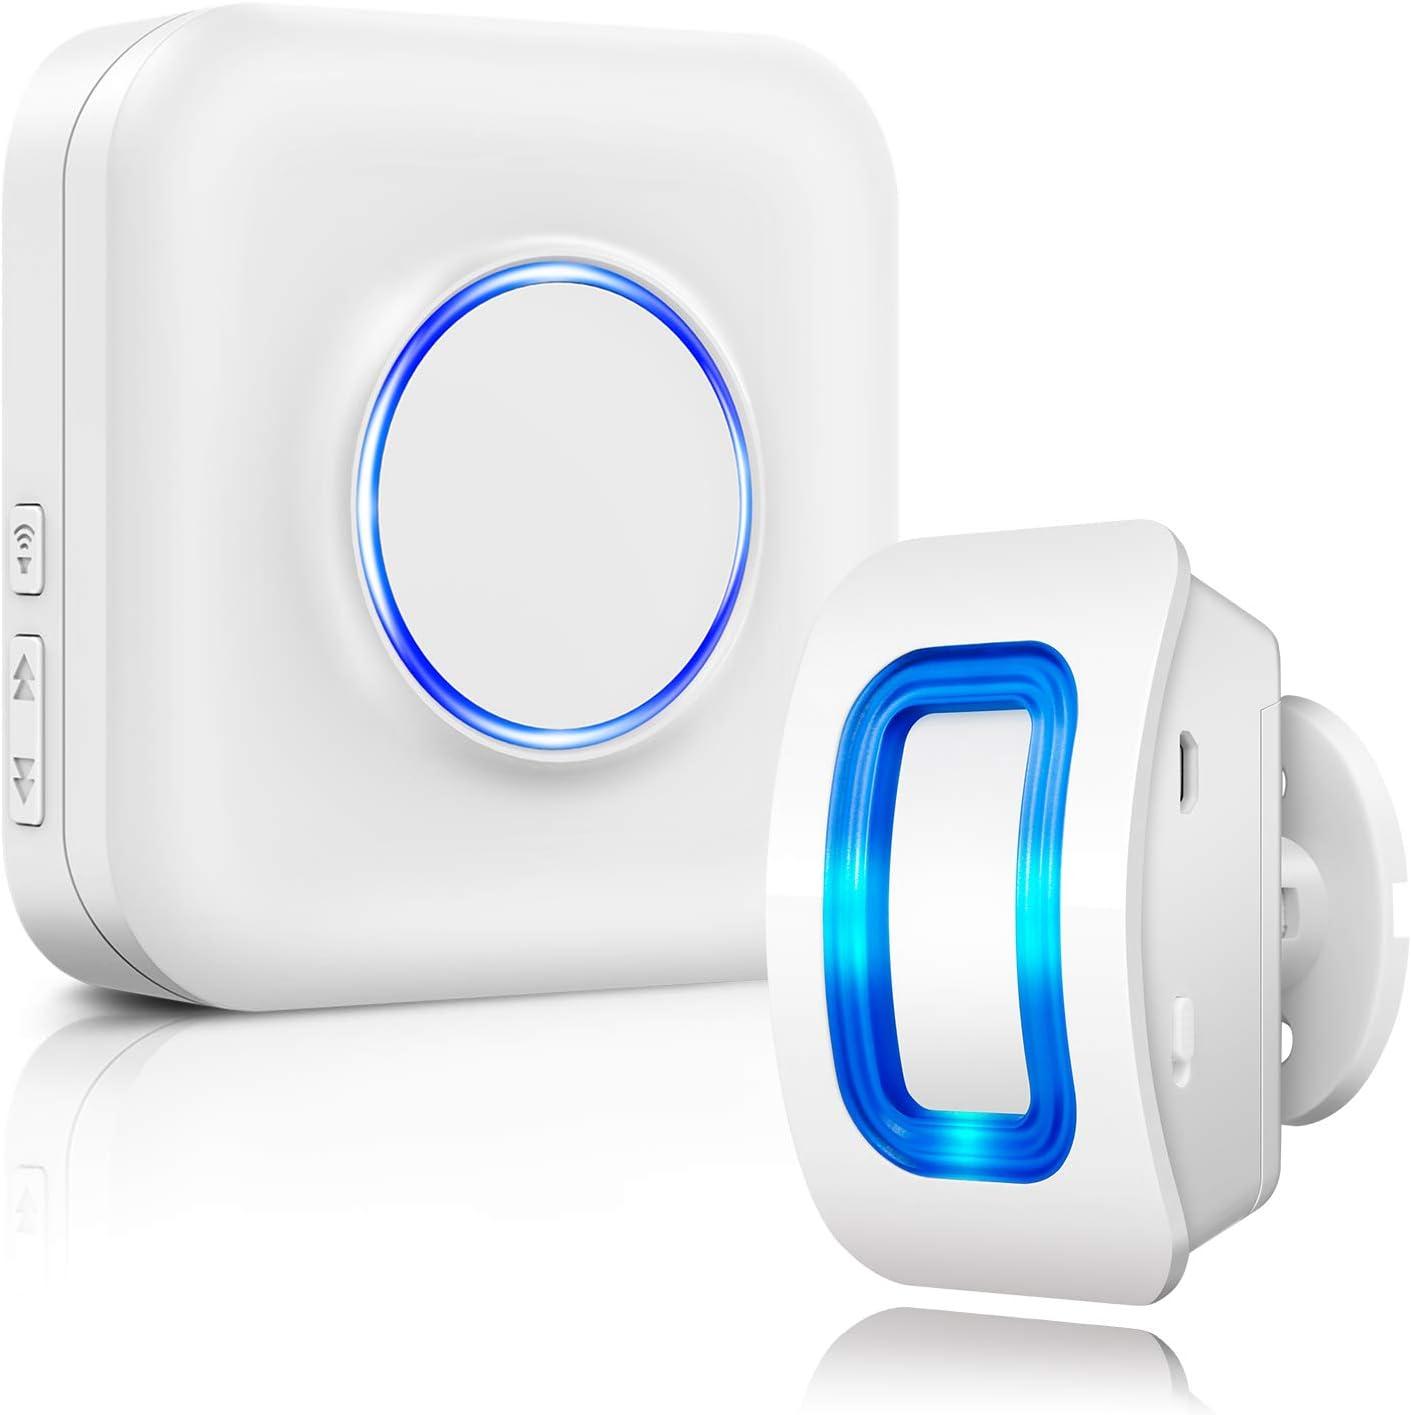 Sistema de Alarma de Seguridad inalámbrica con Detector de Movimiento, 1 Detector de Movimiento y 1 Receptor de Enchufe, 58 Tonos de Campana, indicador LED para Familia, casa y Tienda, Garaje